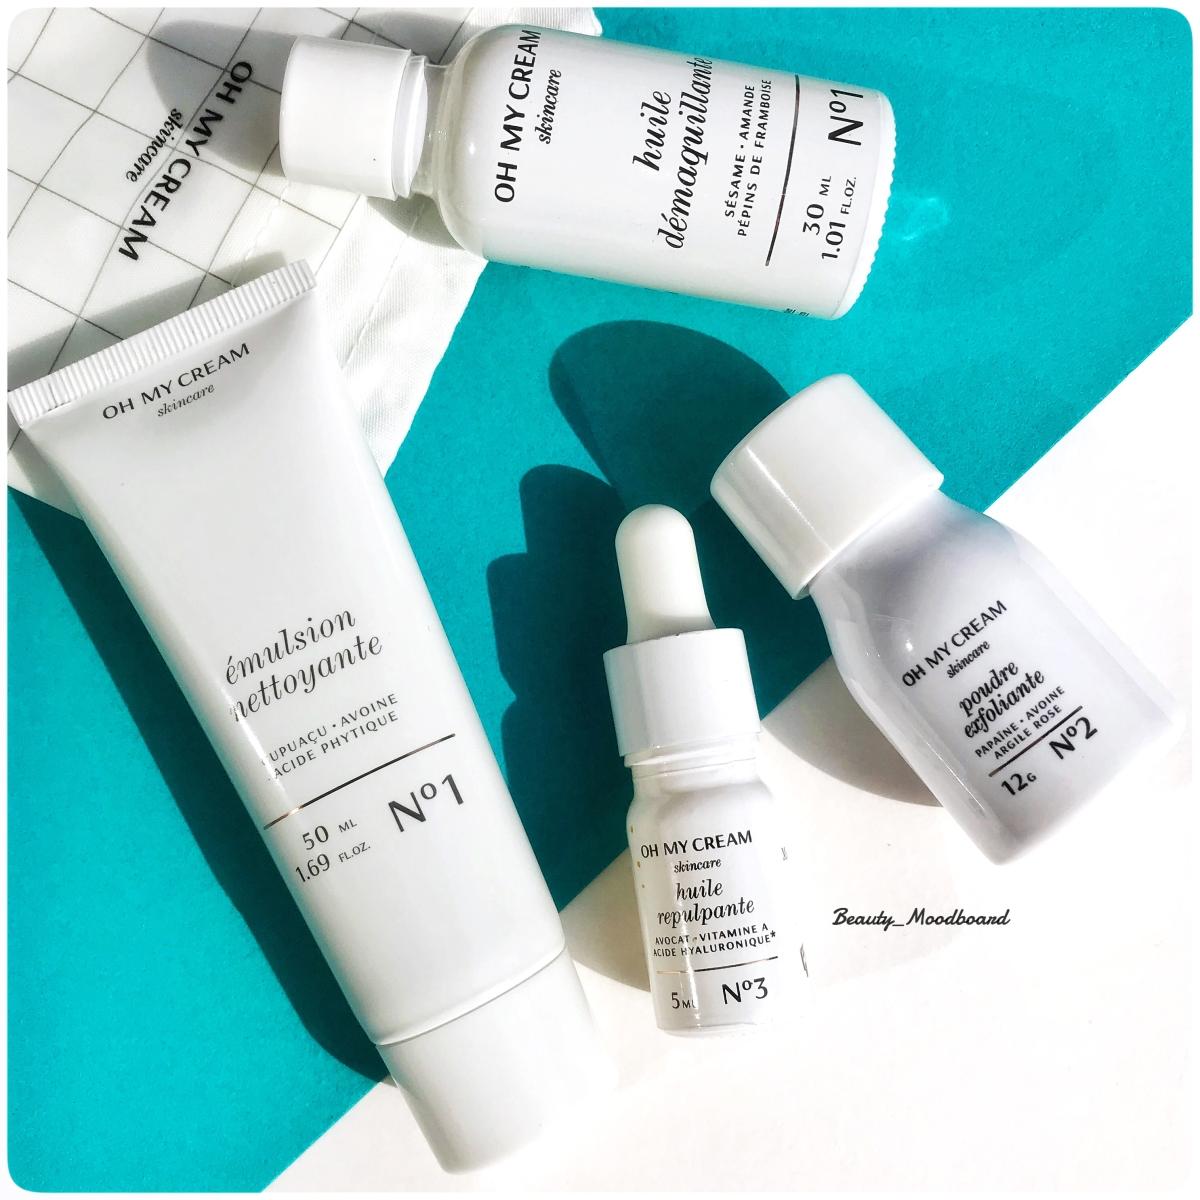 Oh My Cream Skincare, Kit de voyage Réparateur : mon avis ;)